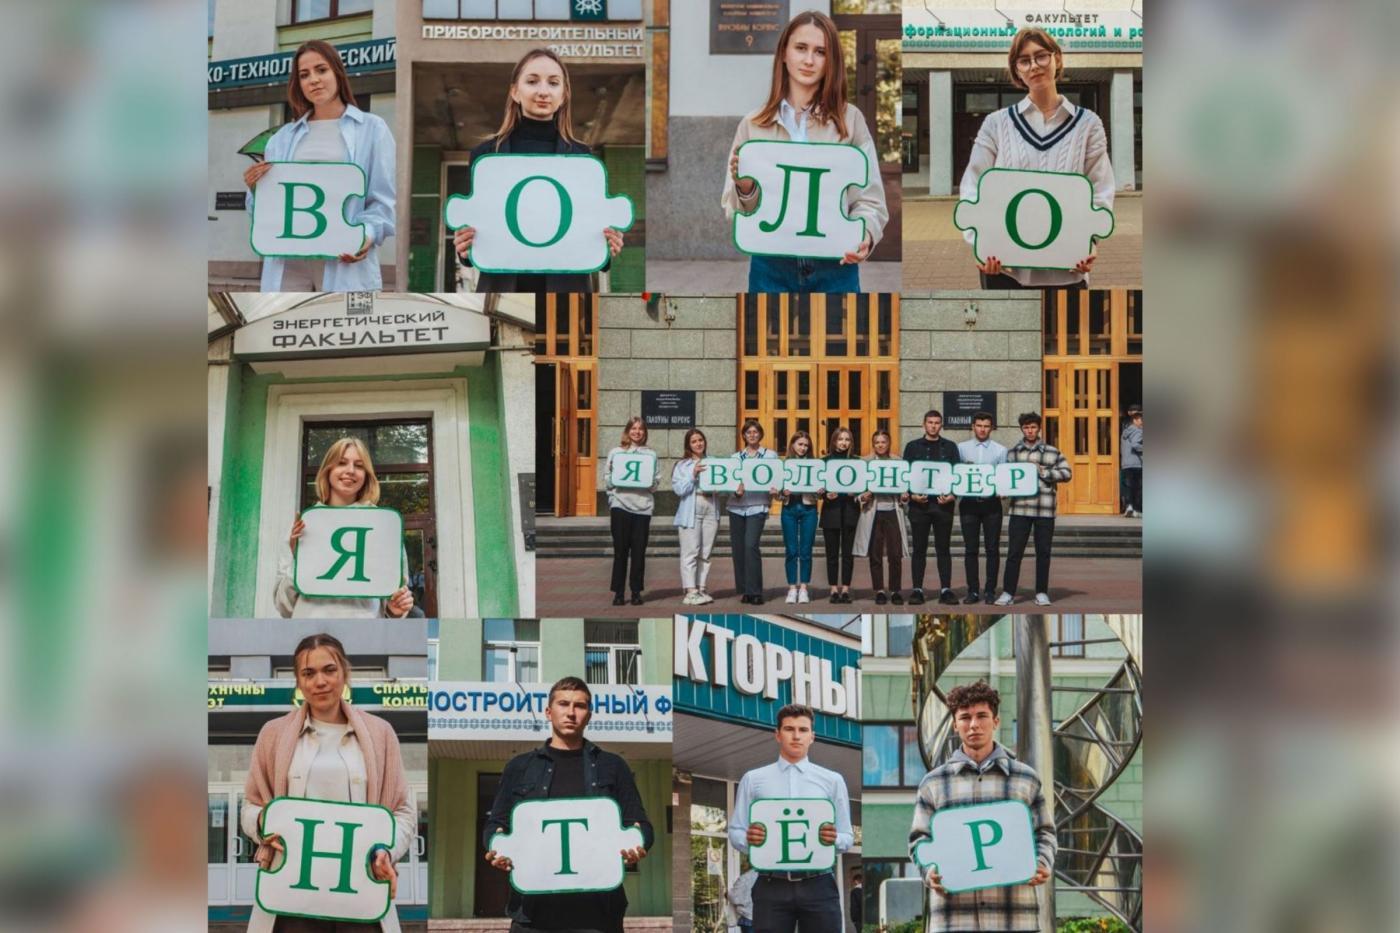 Команда волонтерского центра БНТУ победила в марафоне «Волонтерство – это мы»!